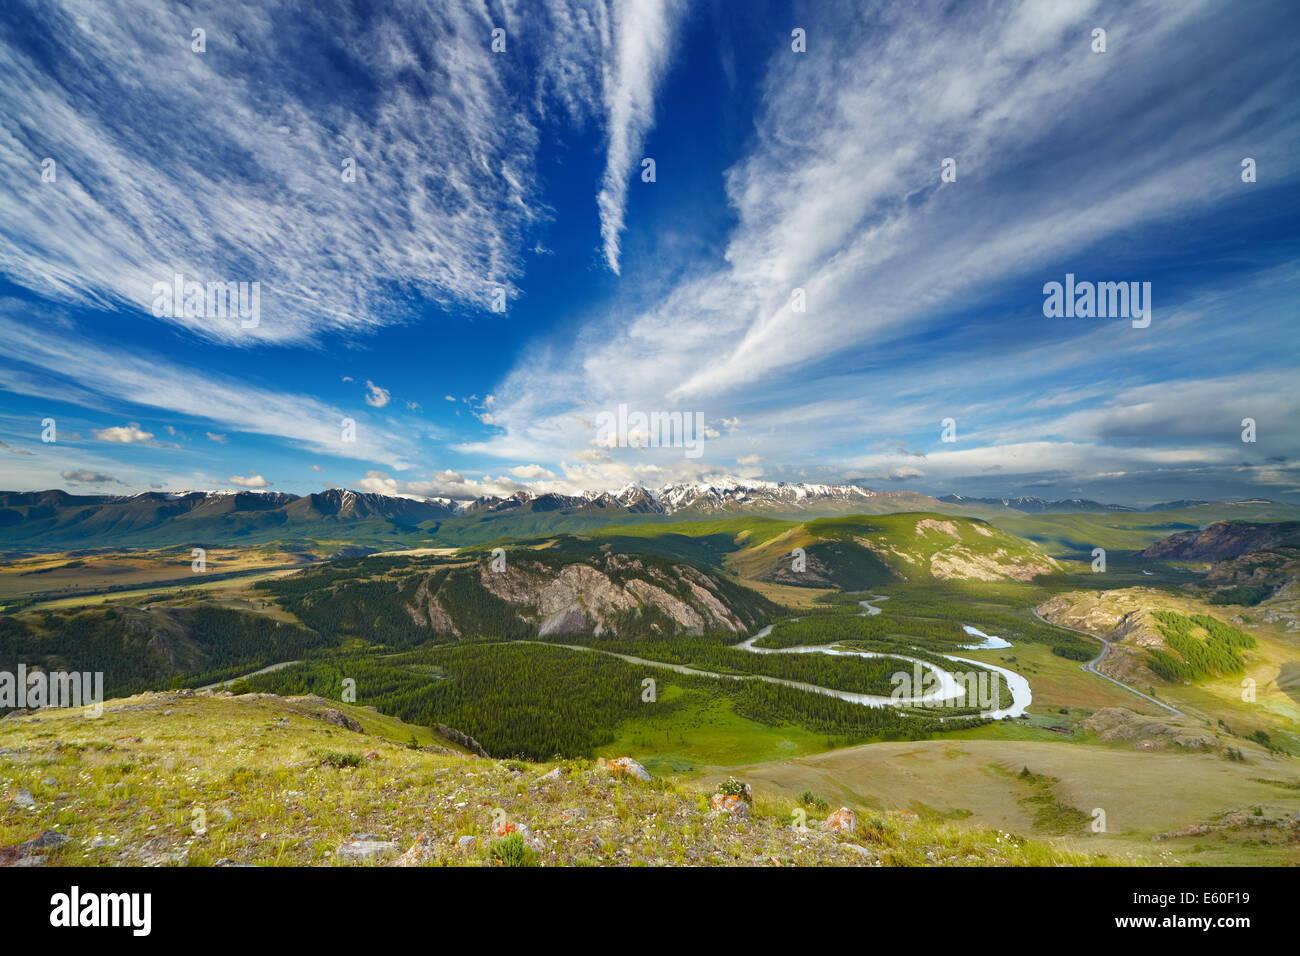 Paisaje de montañas con picos nevados y ríos Imagen De Stock